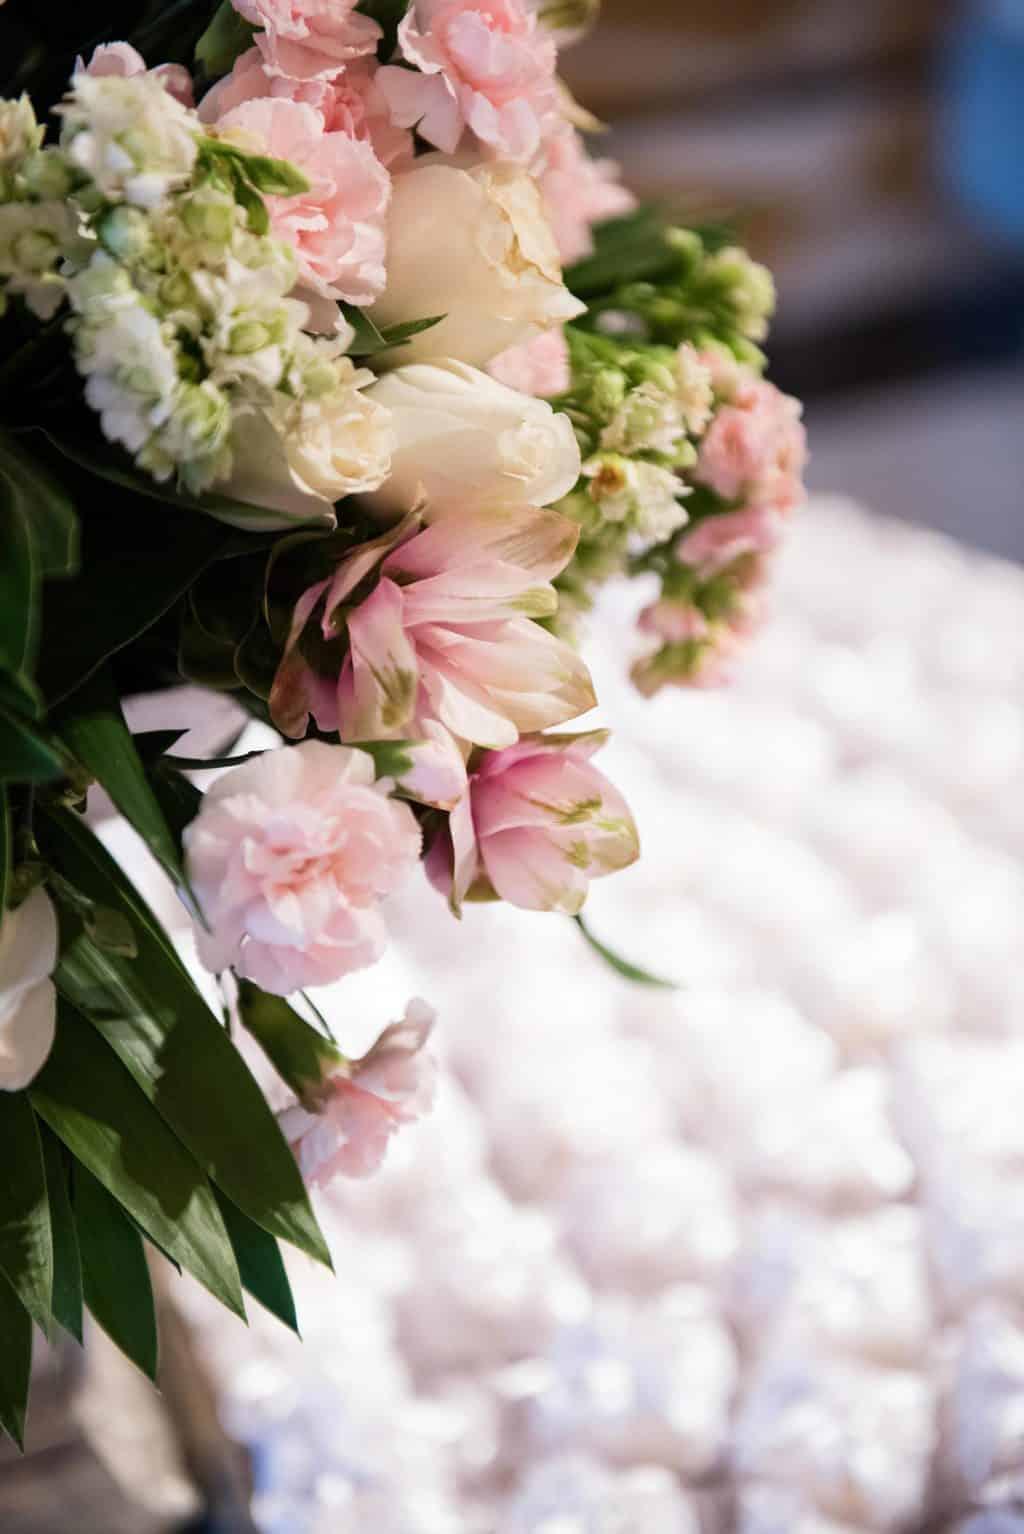 Casamento-Clássico-Copacabana-Palace-Fotografia-Larissa-e-Jorge-Ribas-Monica-Roias-Paula-Rocha-Ribas-Foto-e-Vídeo-CaseMe-6